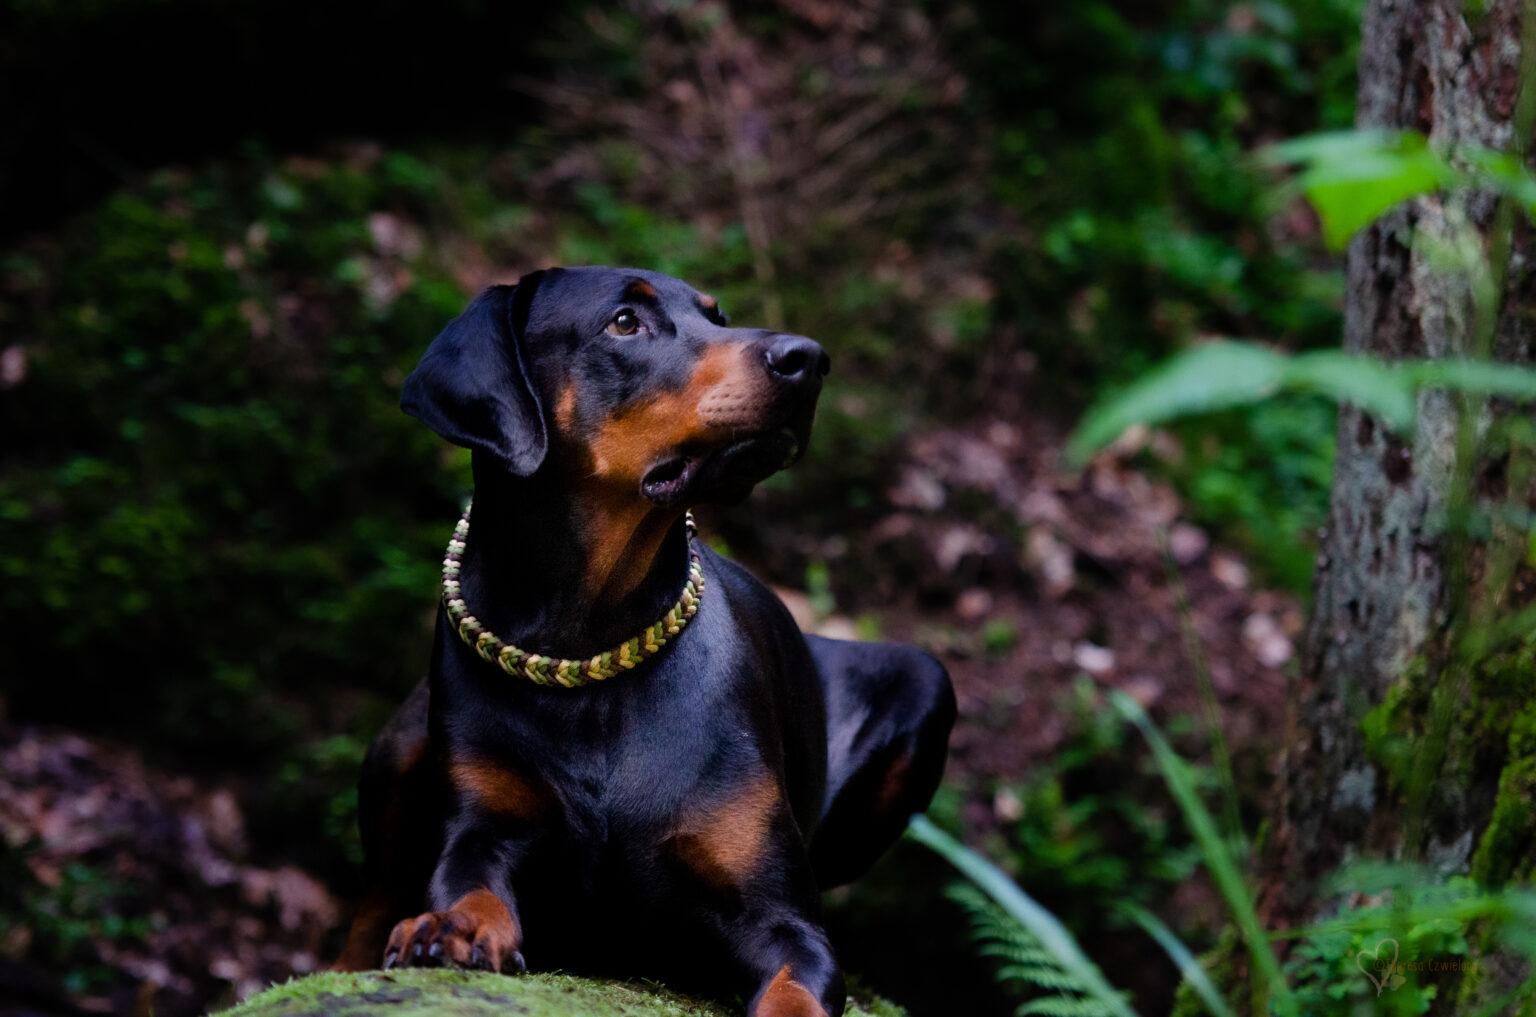 Dinari zeigt, dass auch ein schmales Halsband geeignet für große Hunde sein kann.